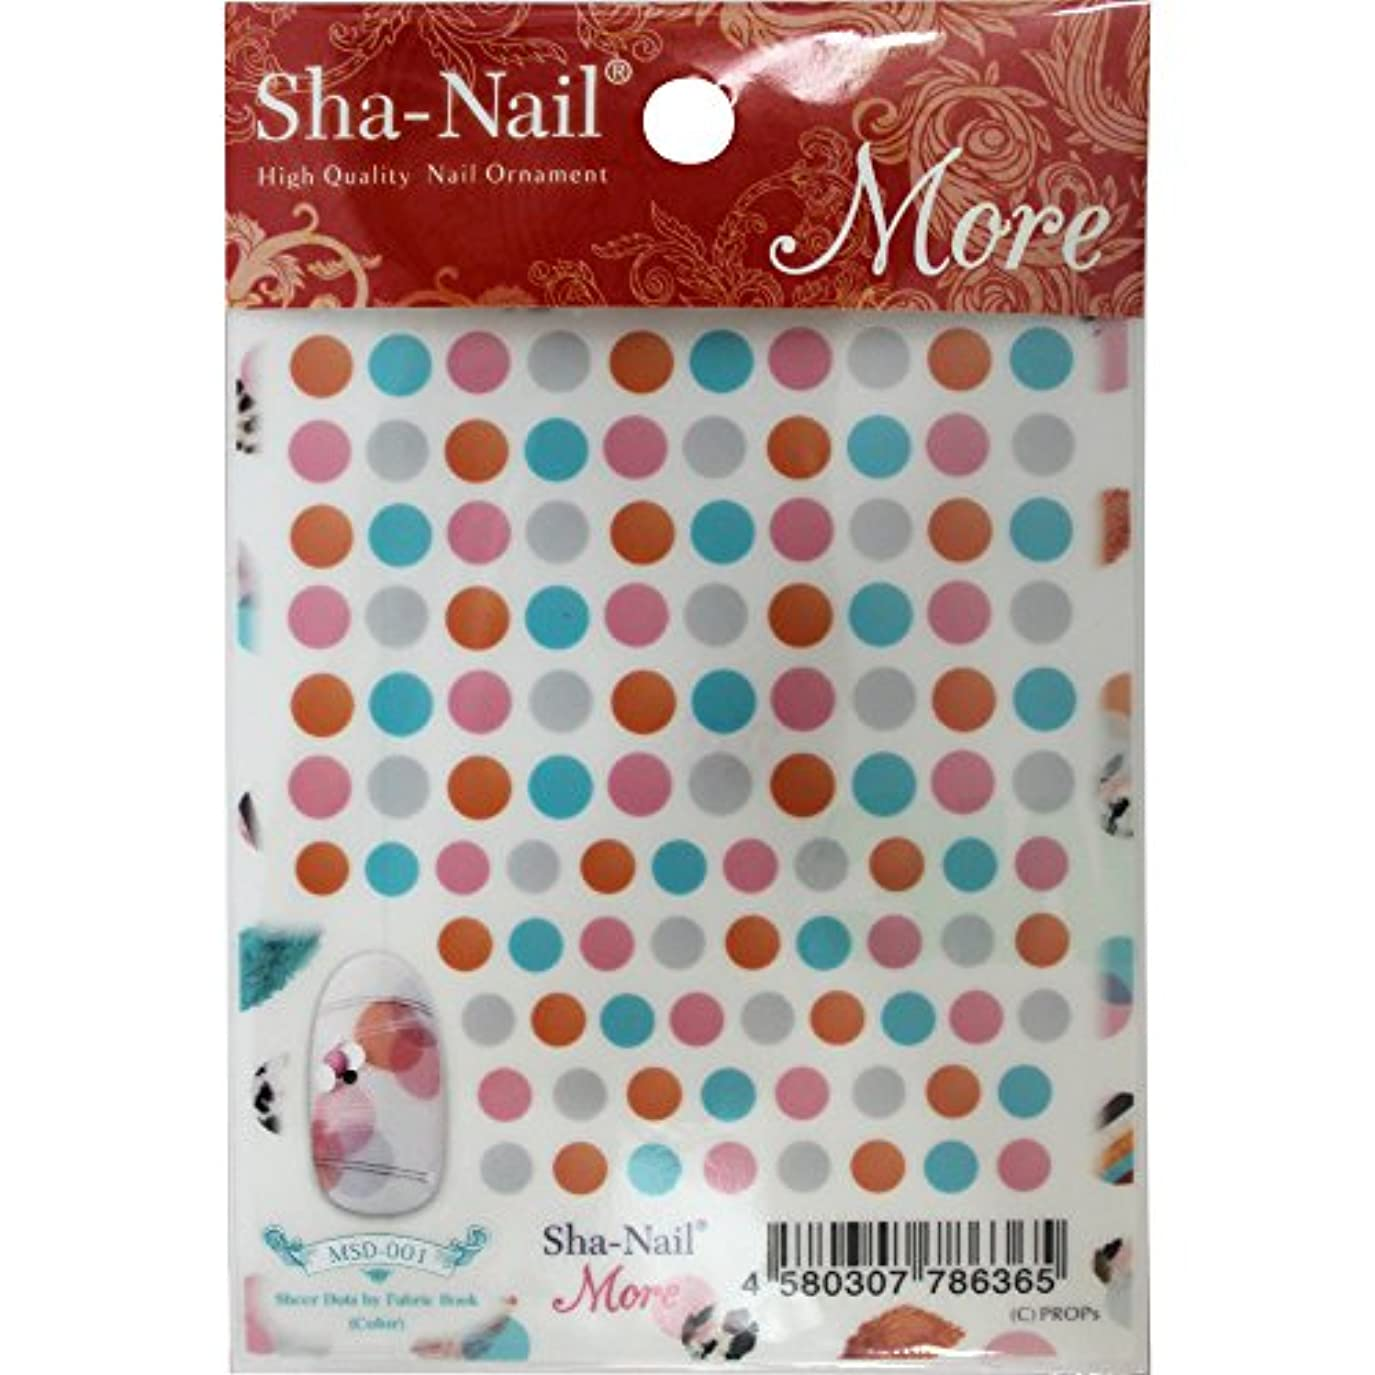 裏切り者代数伝統Sha-Nail More ネイルシール シアードット(カラー) MSD-001 アート材